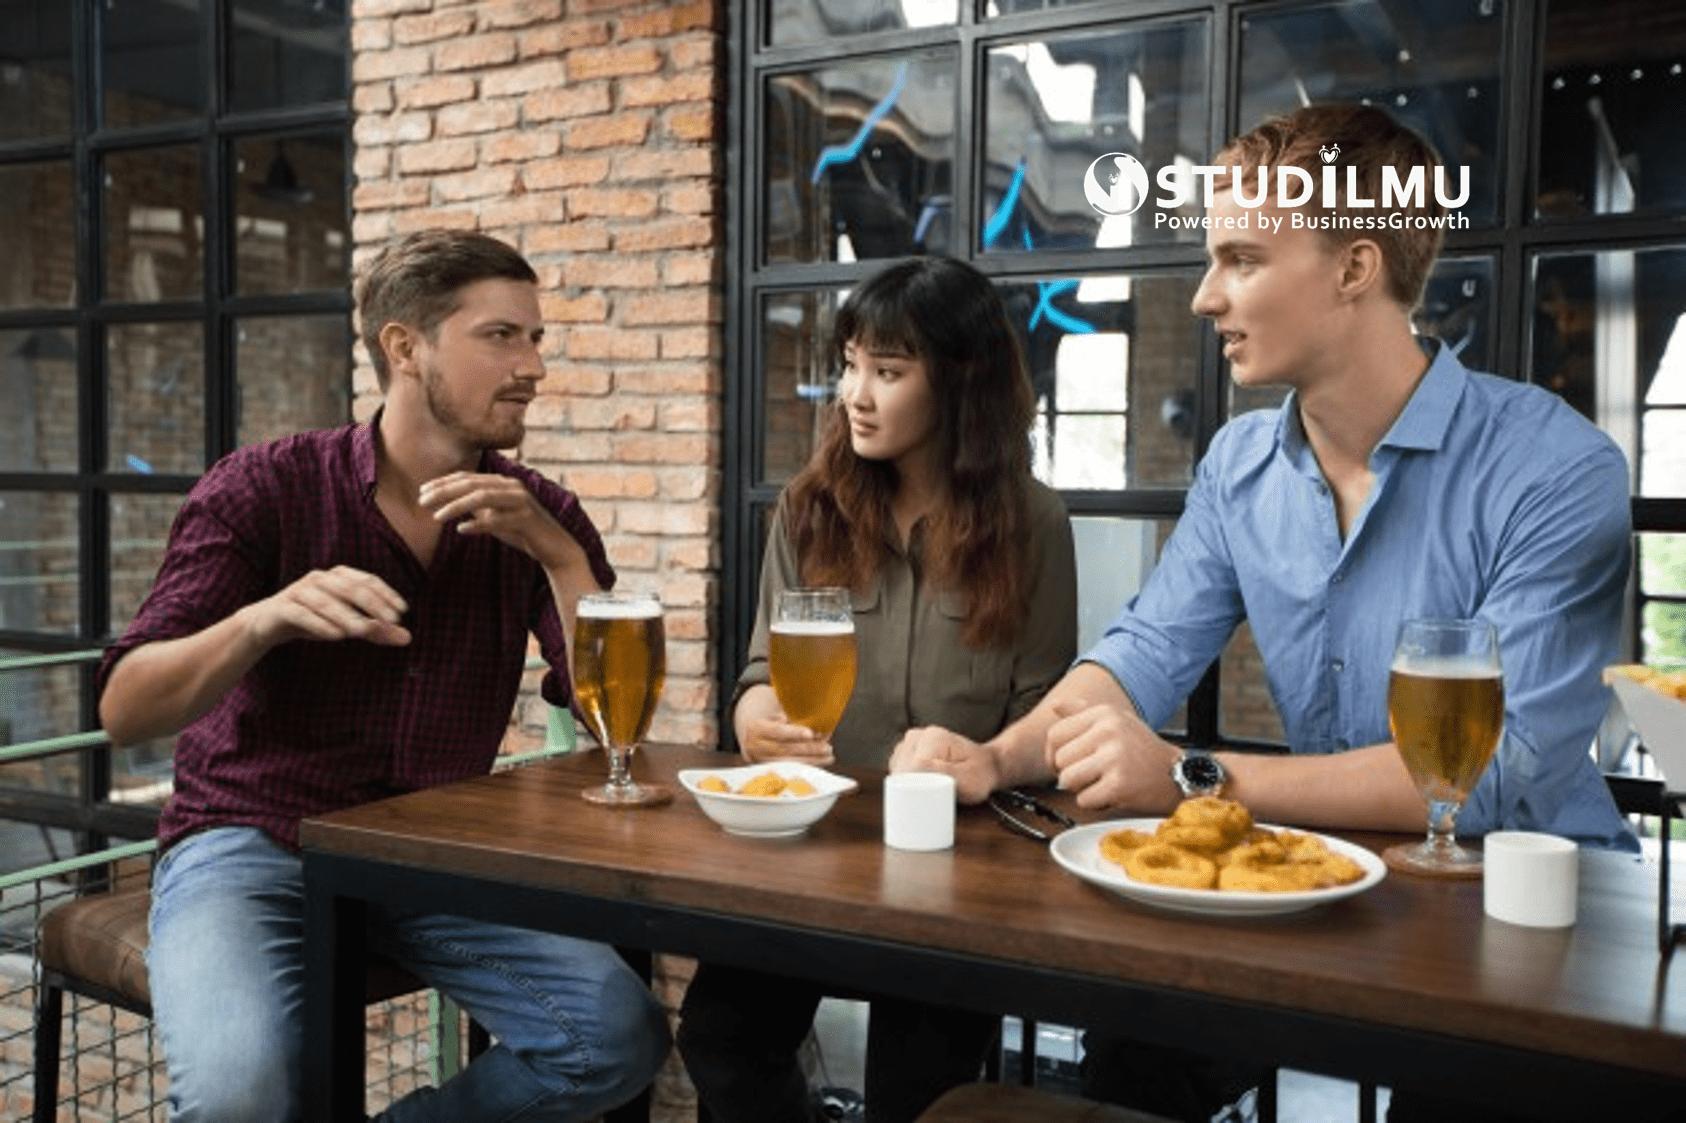 STUDILMU Career Advice - Menjual Produk dan Jasa melalui Cerita Singkat